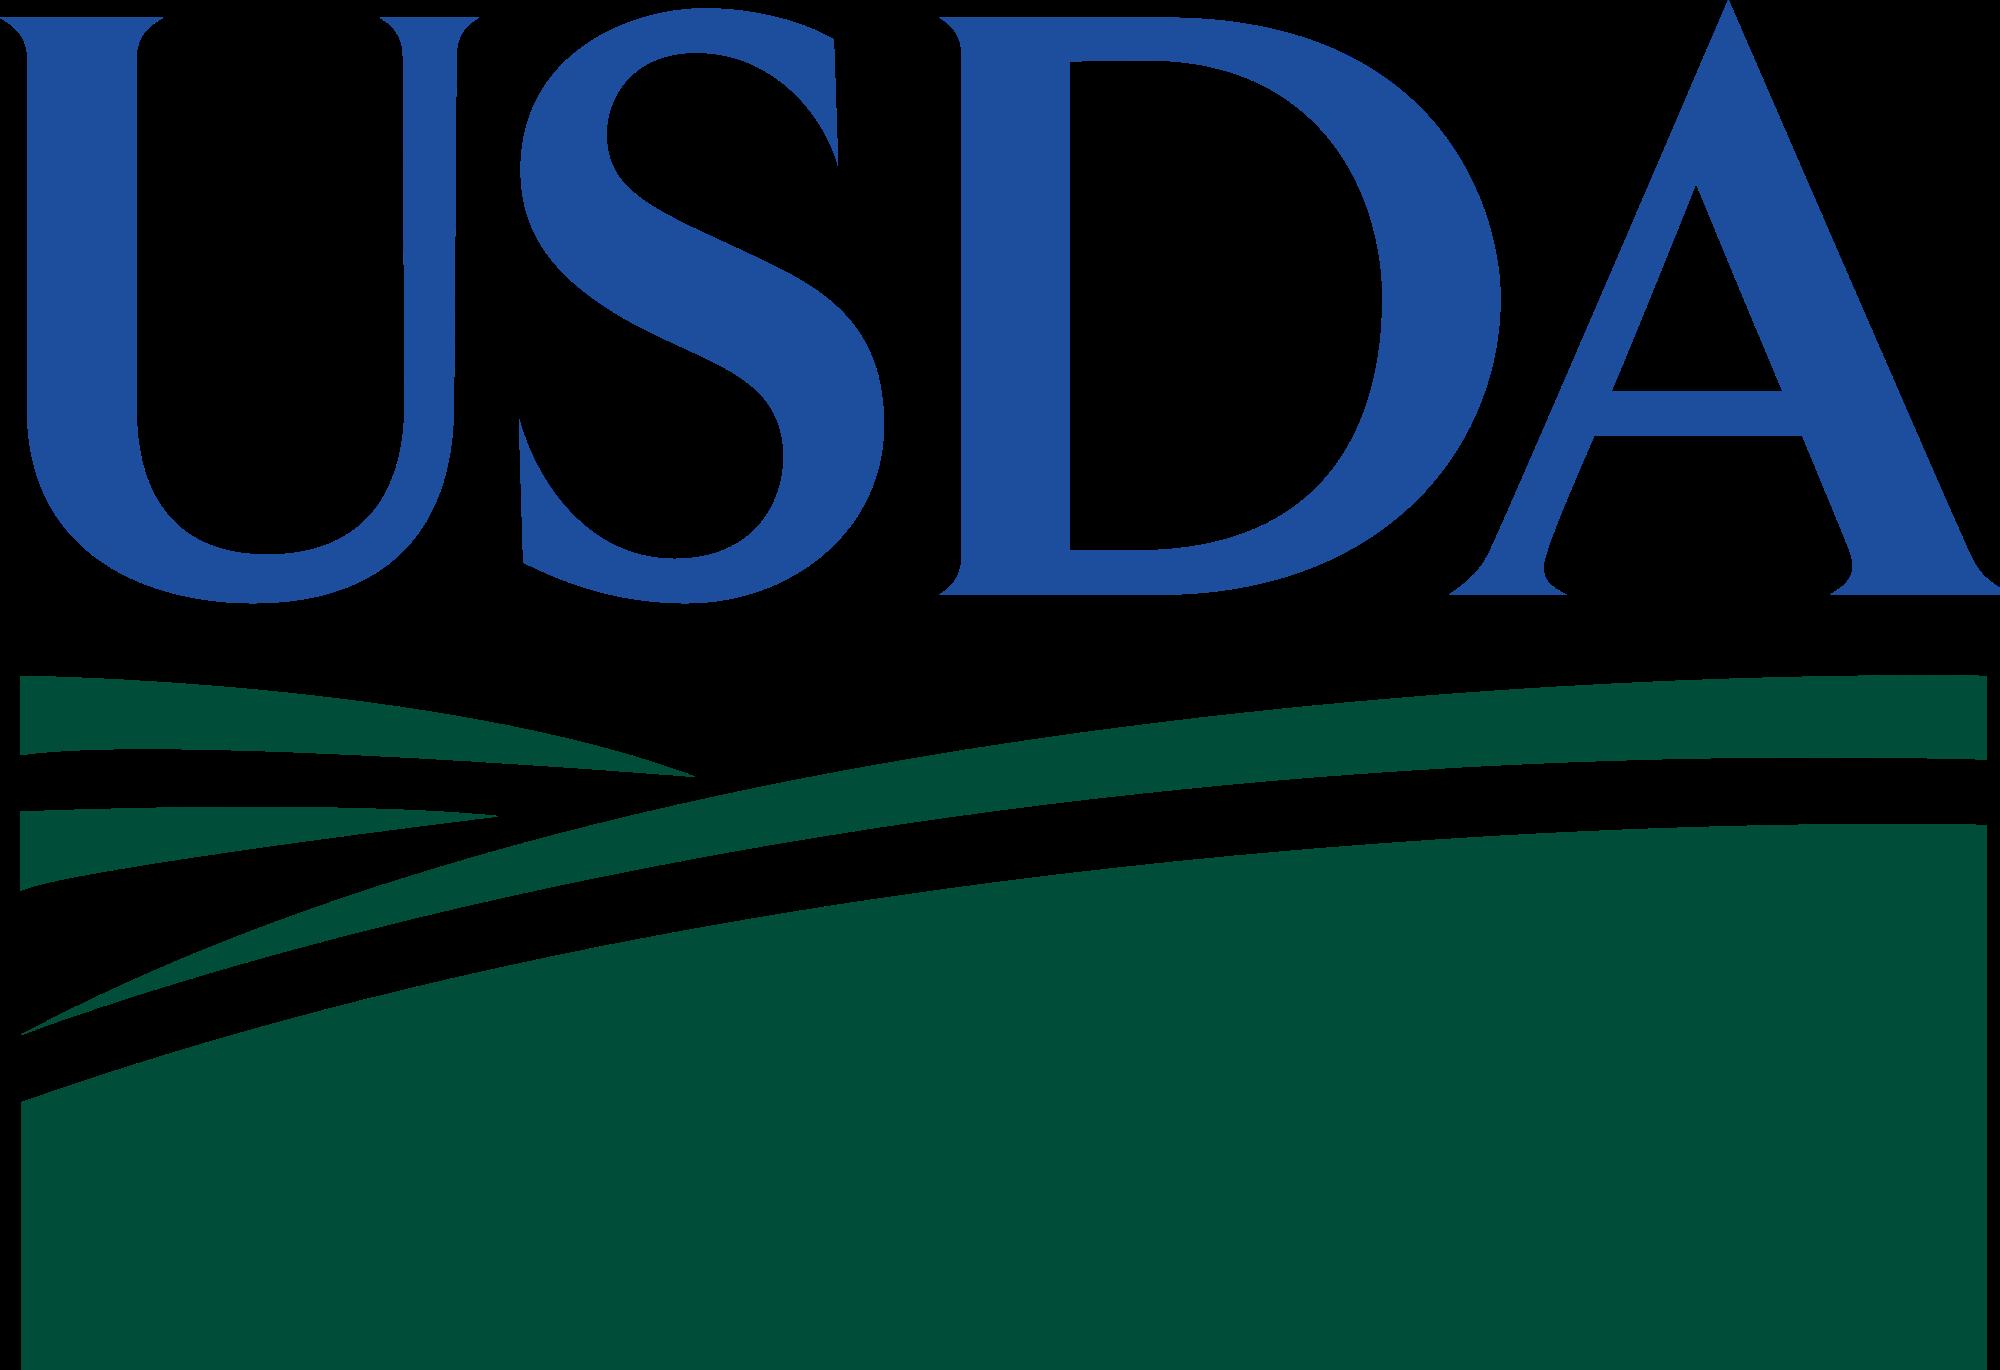 File:USDA logo.png.